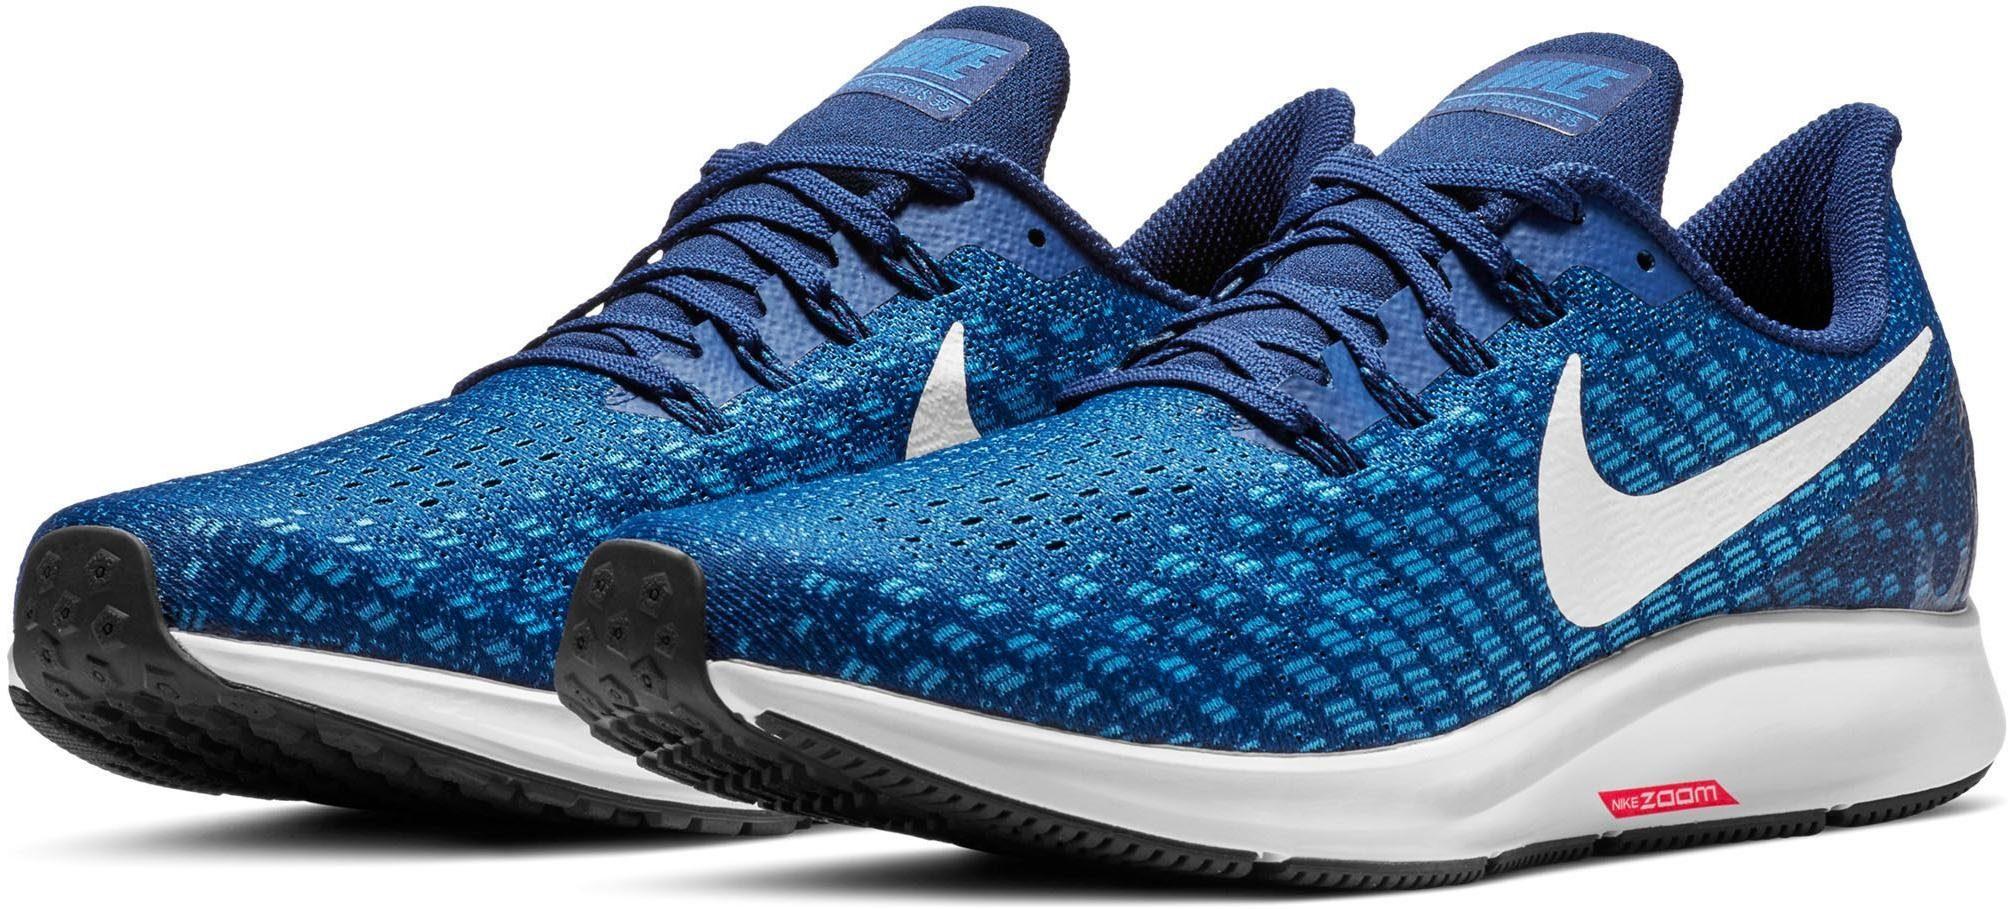 Nike Sportswear »Air Max 270« Sneaker, Großes Air Element für tolles Laufgefühl online kaufen | OTTO